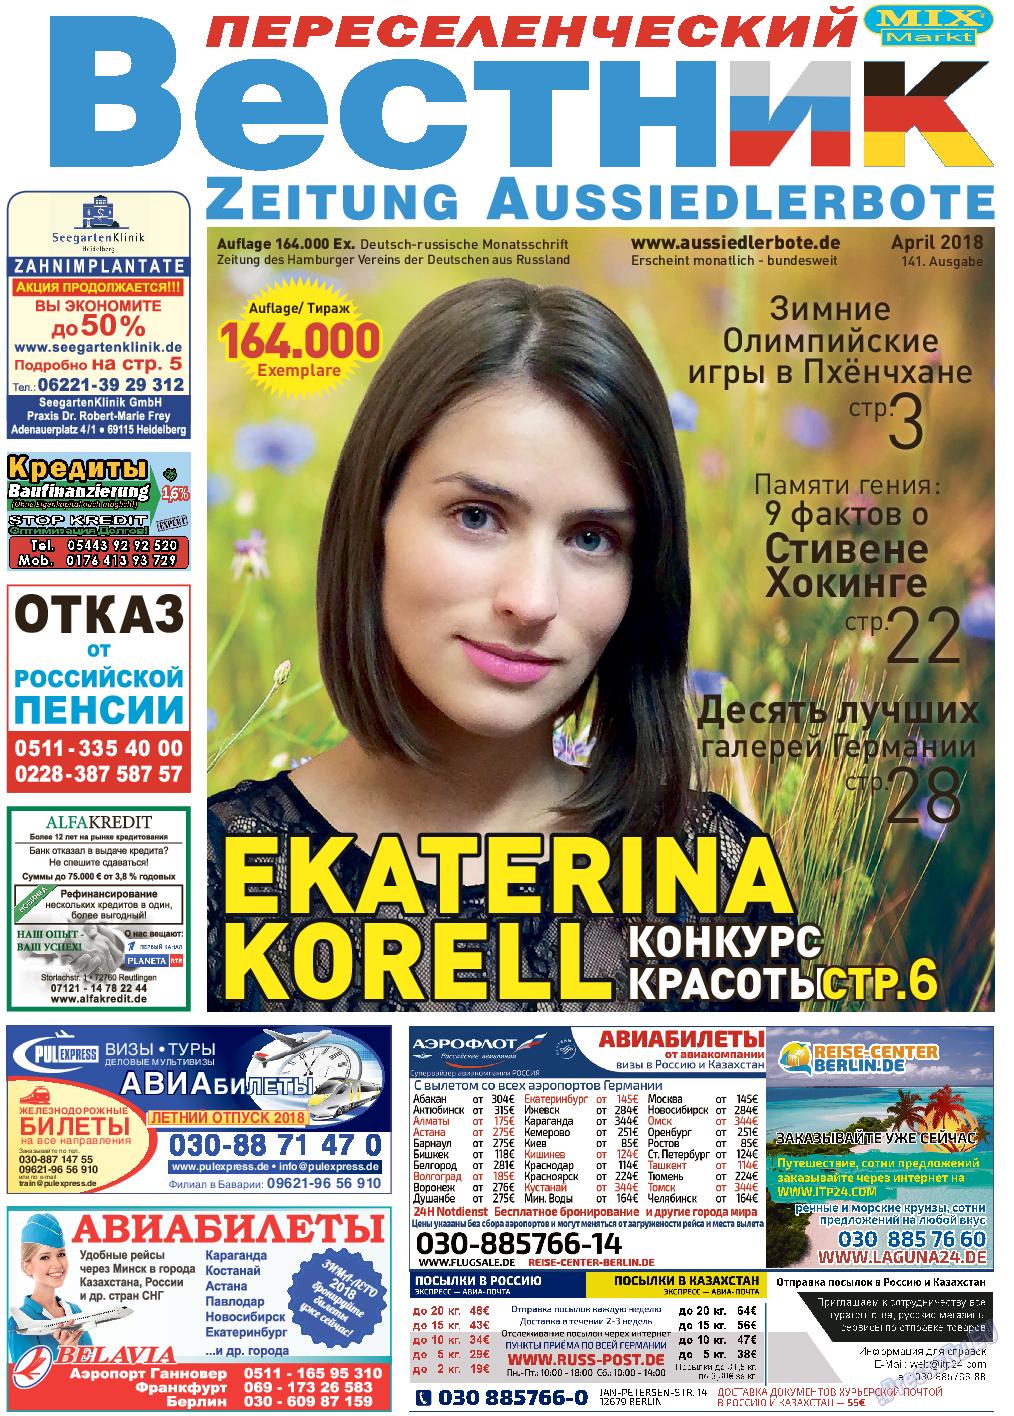 Переселенческий вестник (газета). 2018 год, номер 4, стр. 1